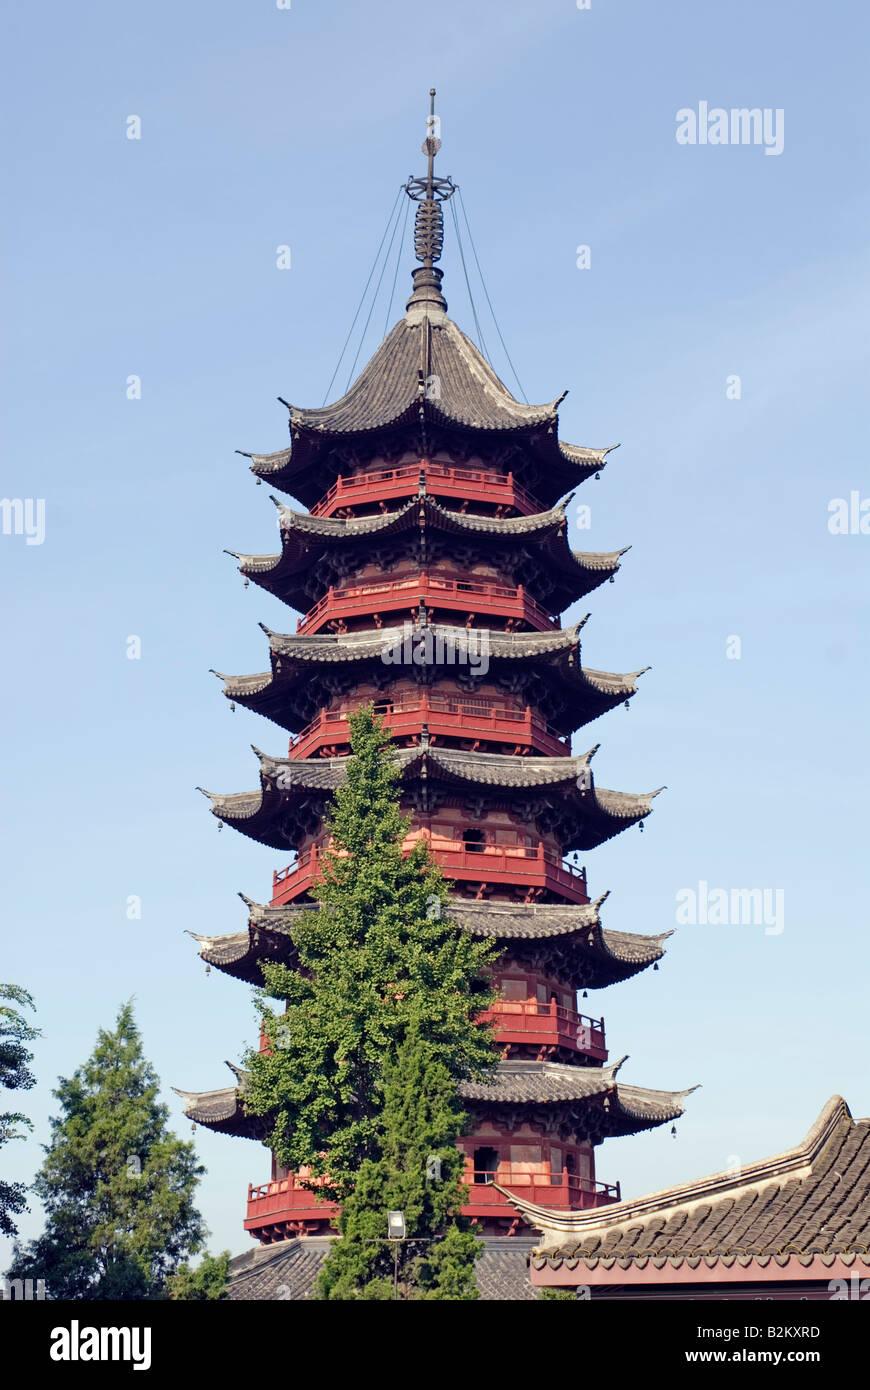 China, Suzhou, Auspicious Light Pagoda, Rui Guang Ta, Panmen - Stock Image